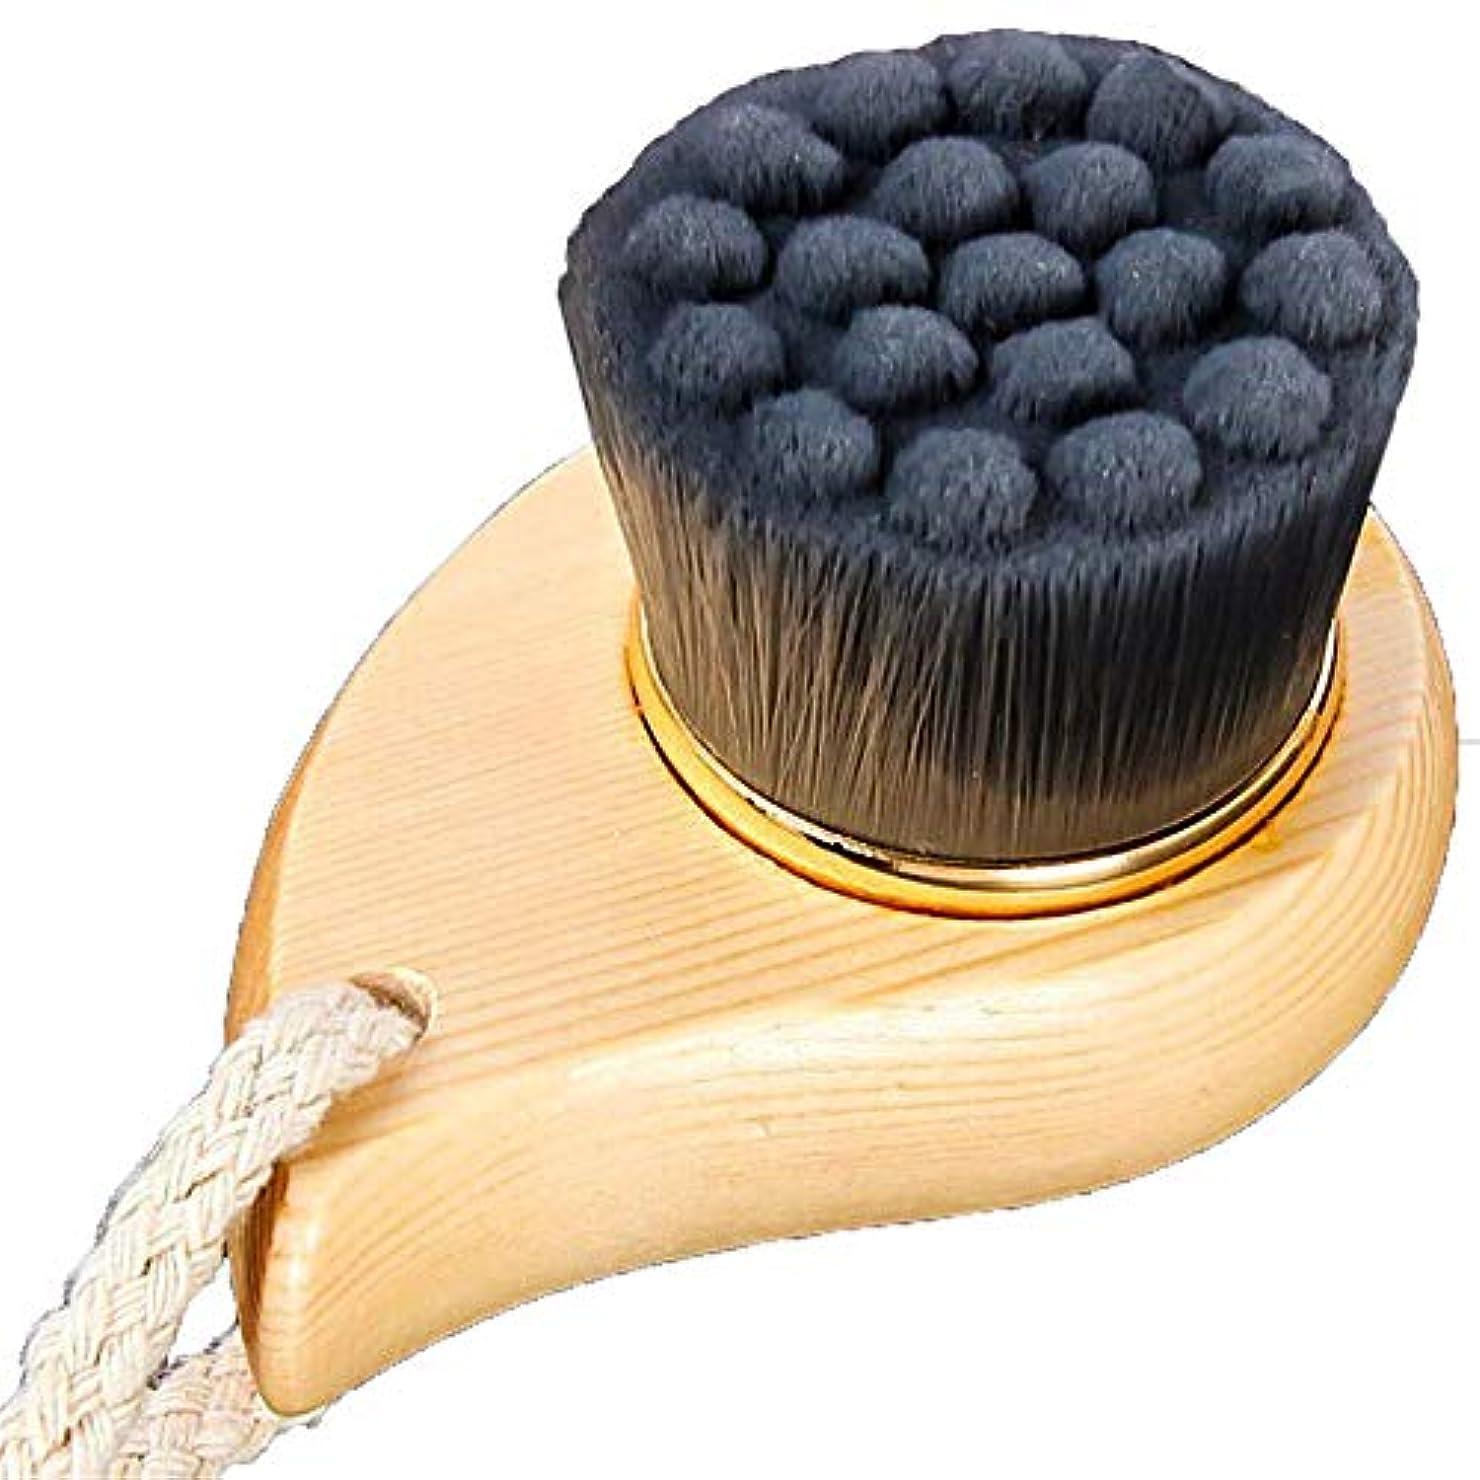 長々と変装したどちらも洗顔ブラシ 深い毛穴のための柔らかい剛毛の表面クリーニングの美のブラシの清潔になることの美顔術のブラシ ディープクレンジングスキンケア用